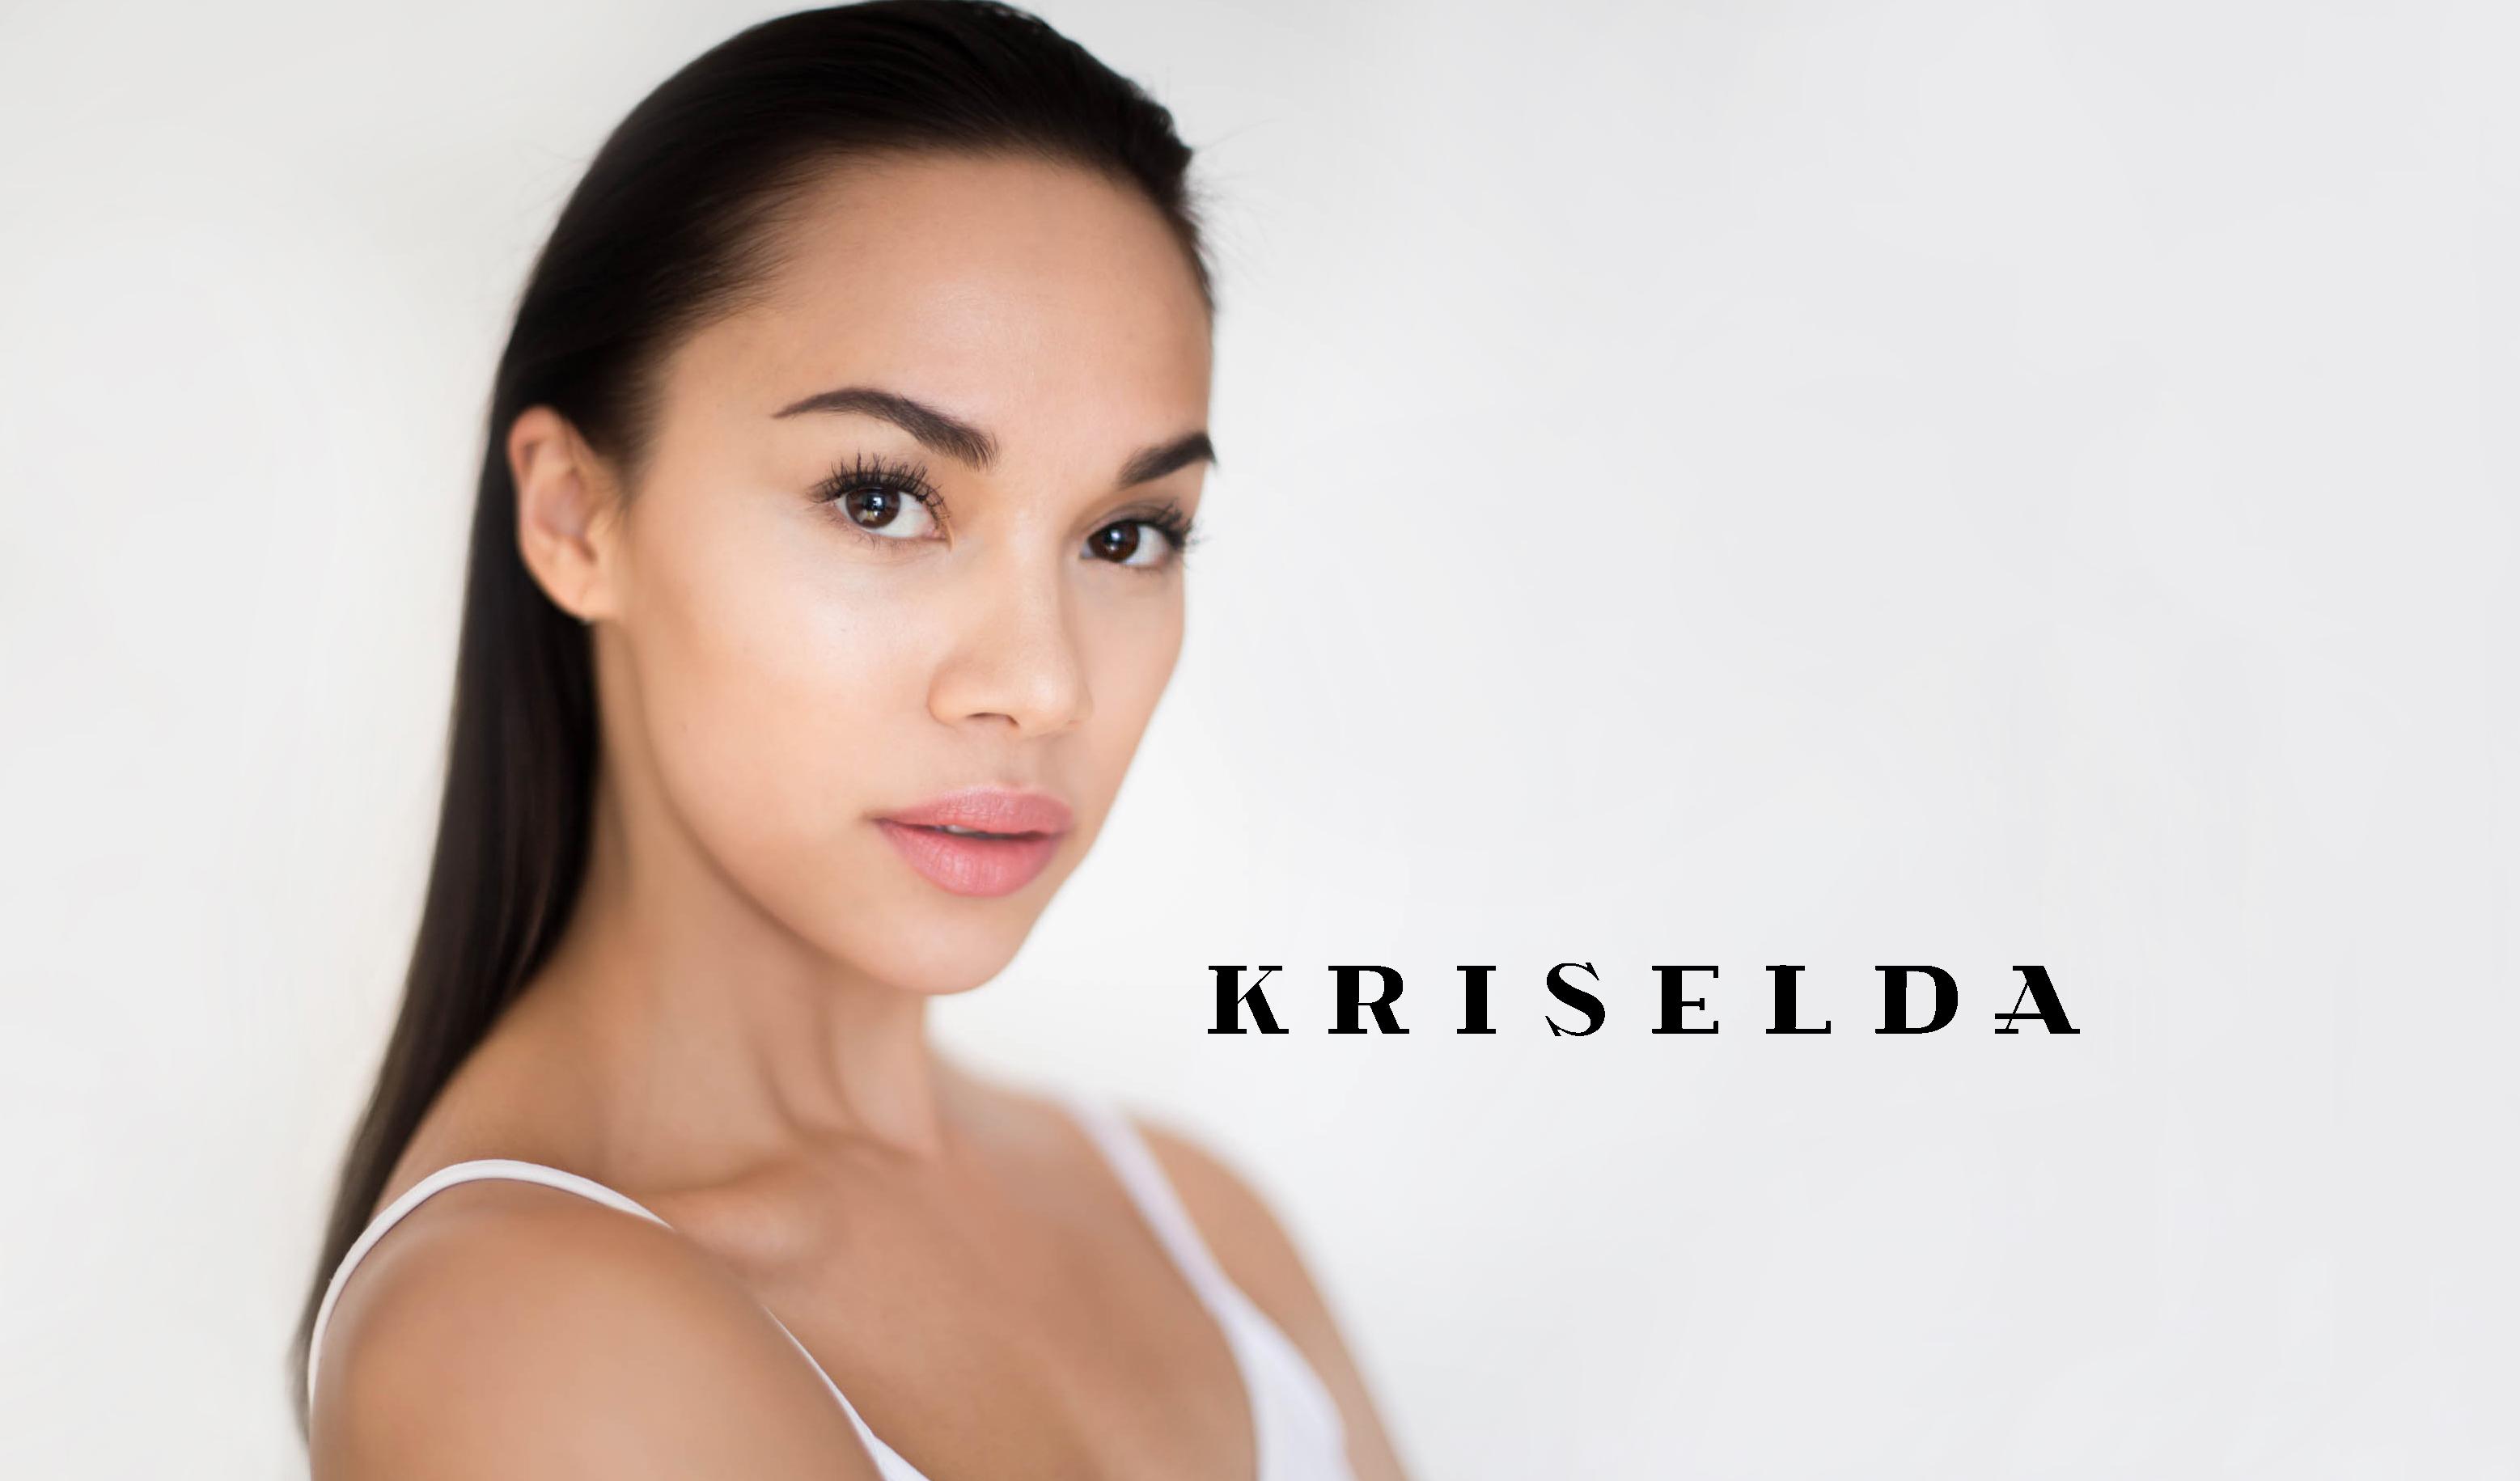 Kriselda